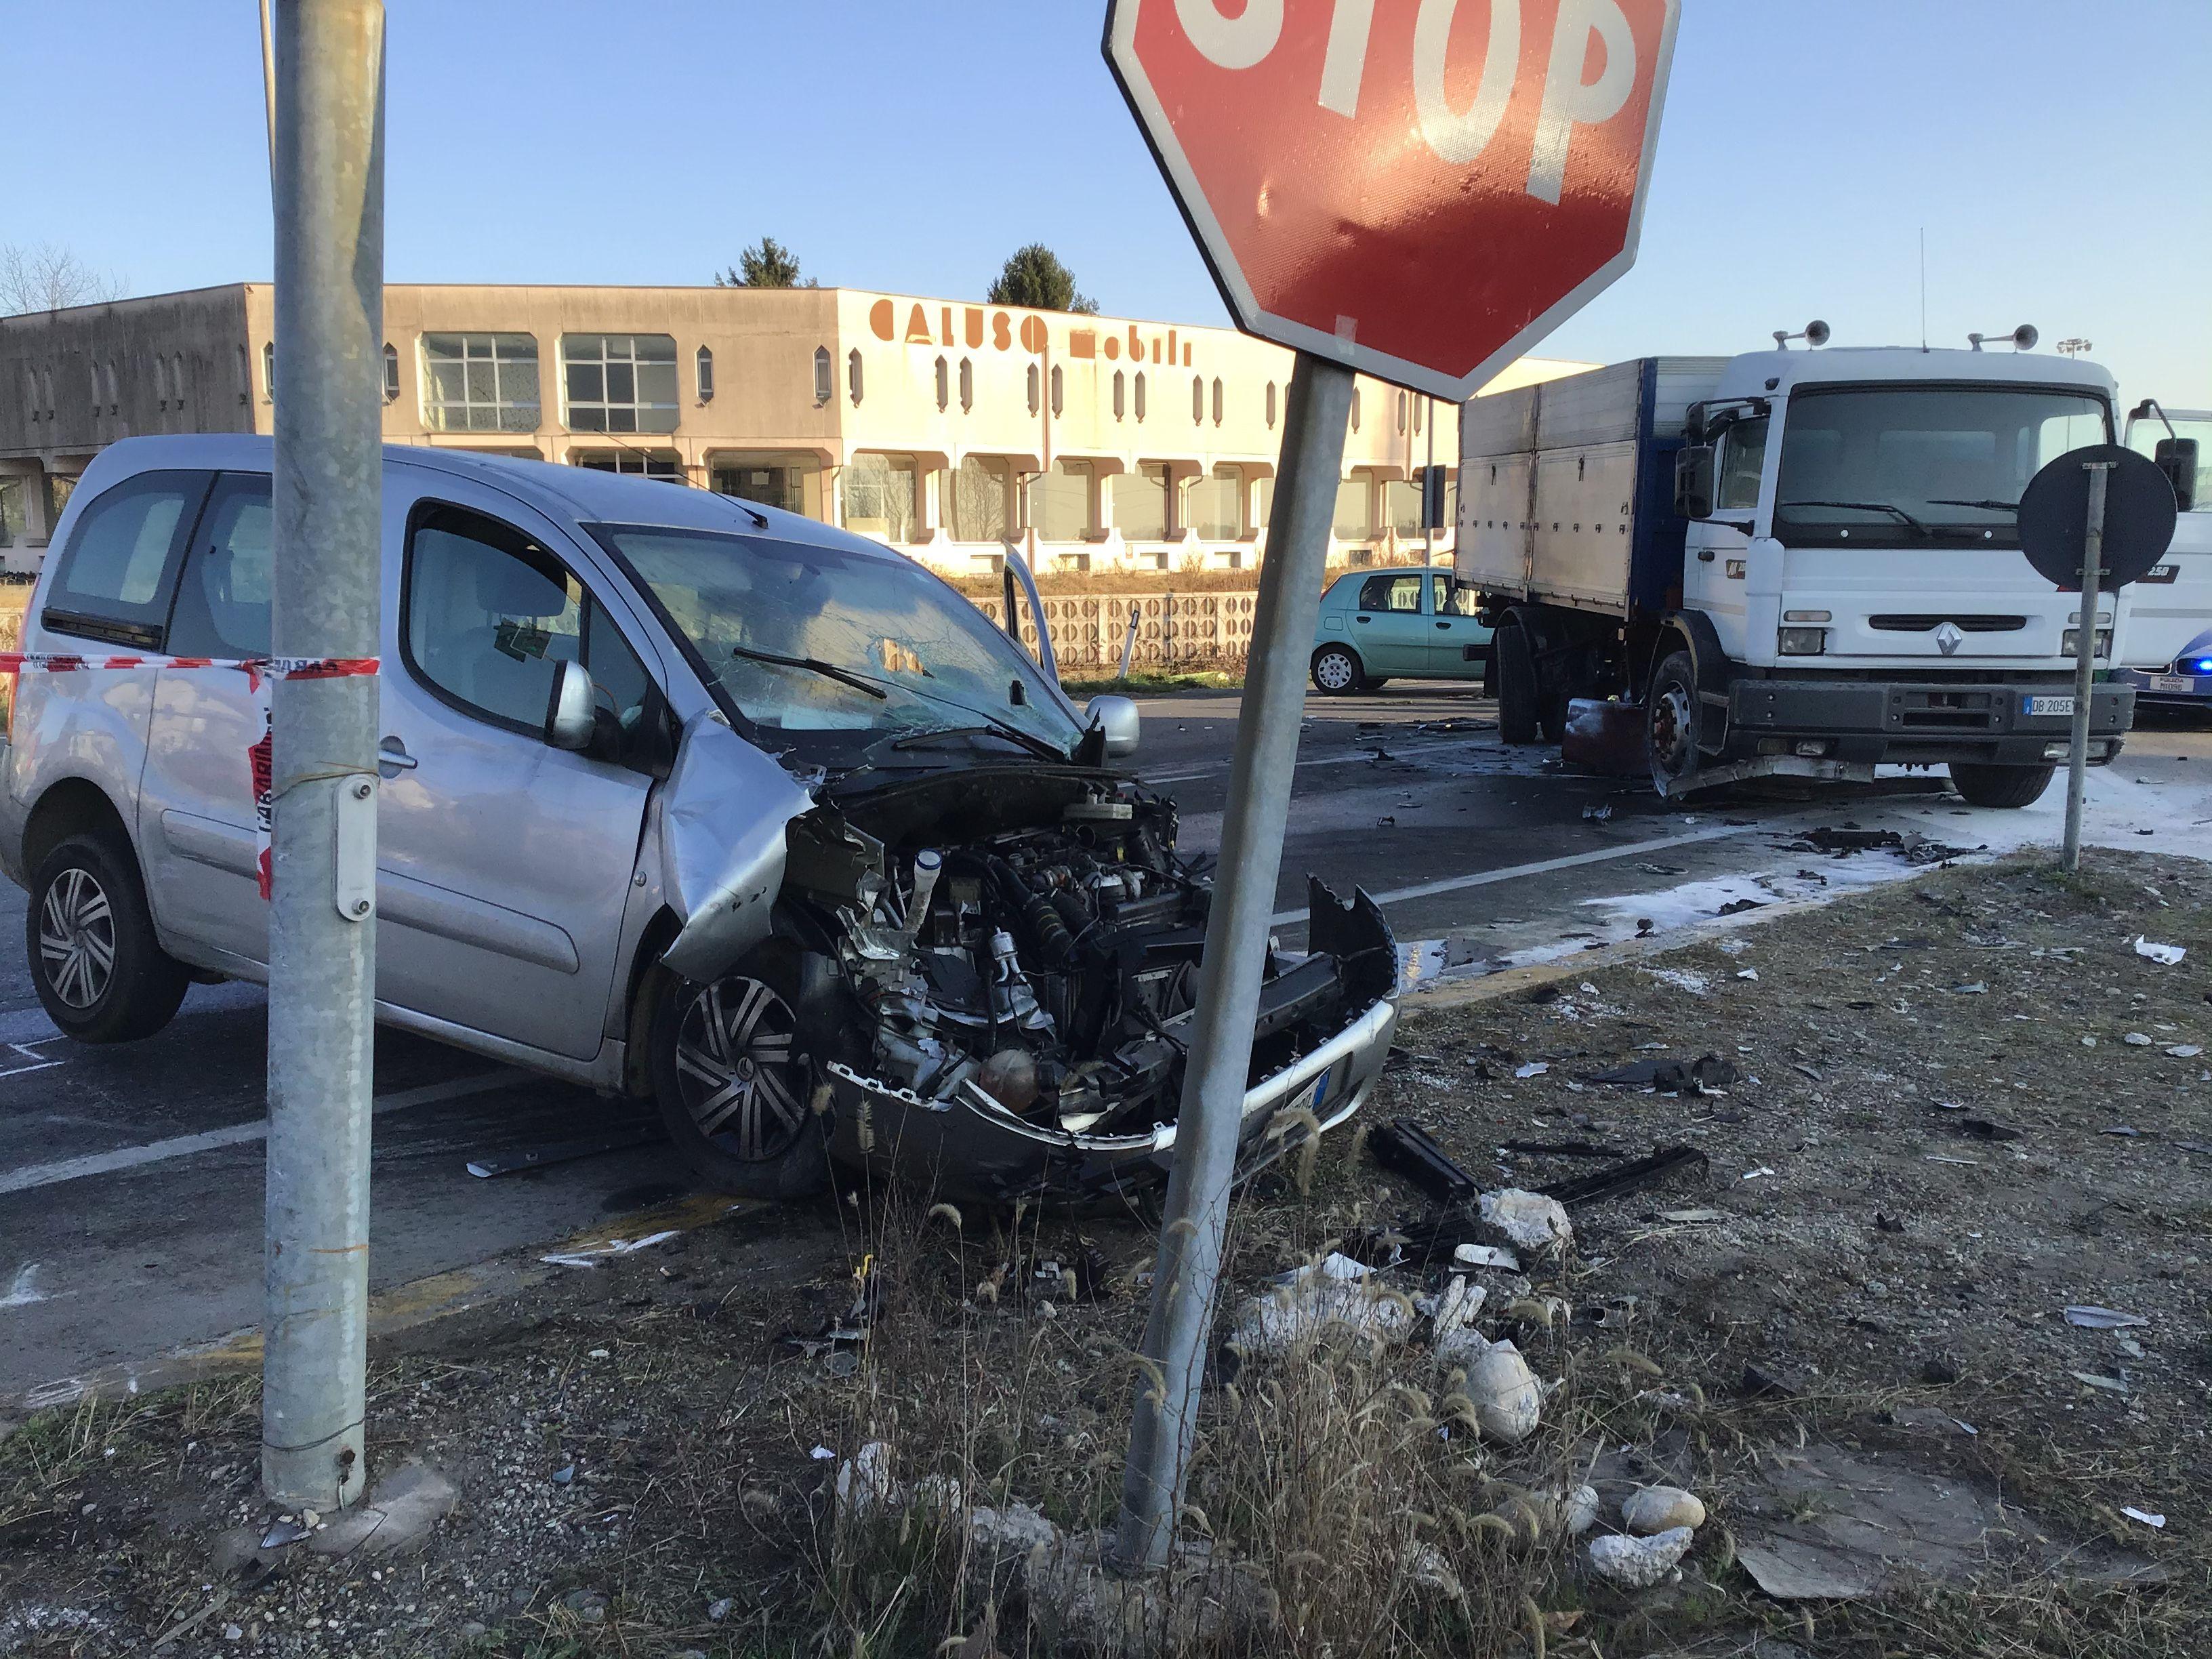 INCIDENTE MORTALE CALUSO - Ciclista travolto e ucciso nello schianto con tre veicoli - FOTO E VIDEO